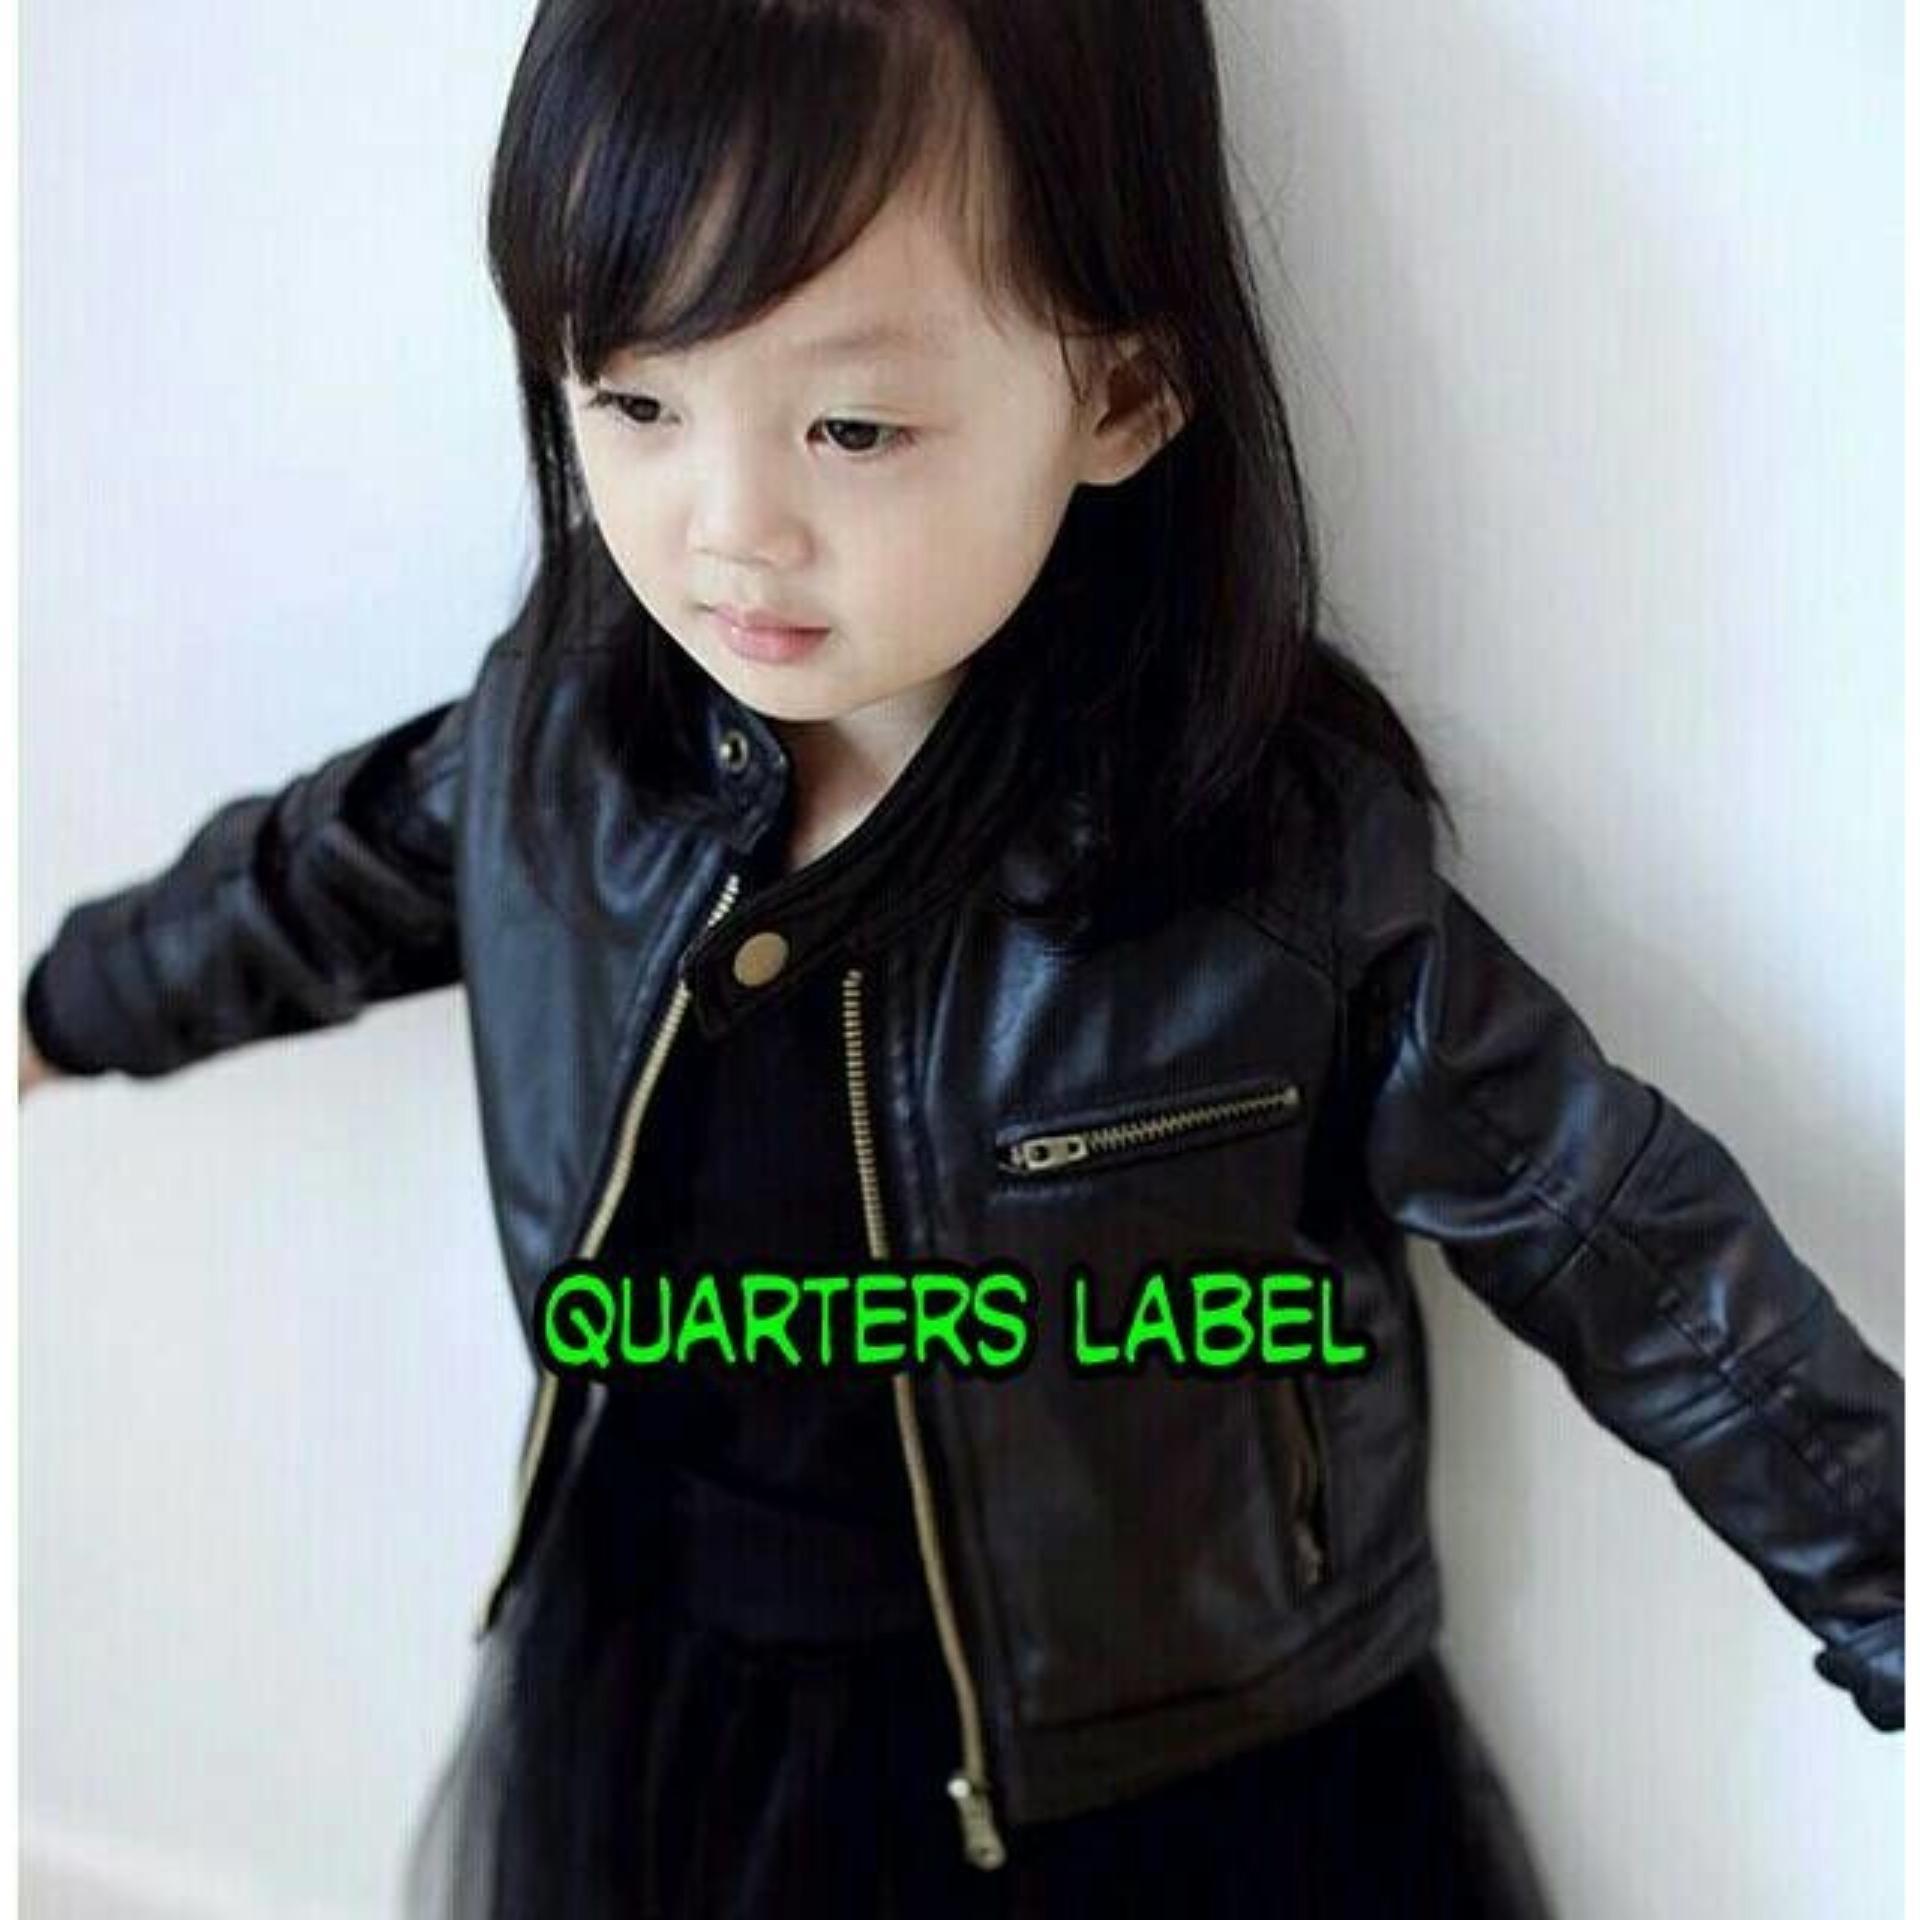 Flash Sale Jaket Semi Kulit Anak Perempuan / Jaket Semi Kulit